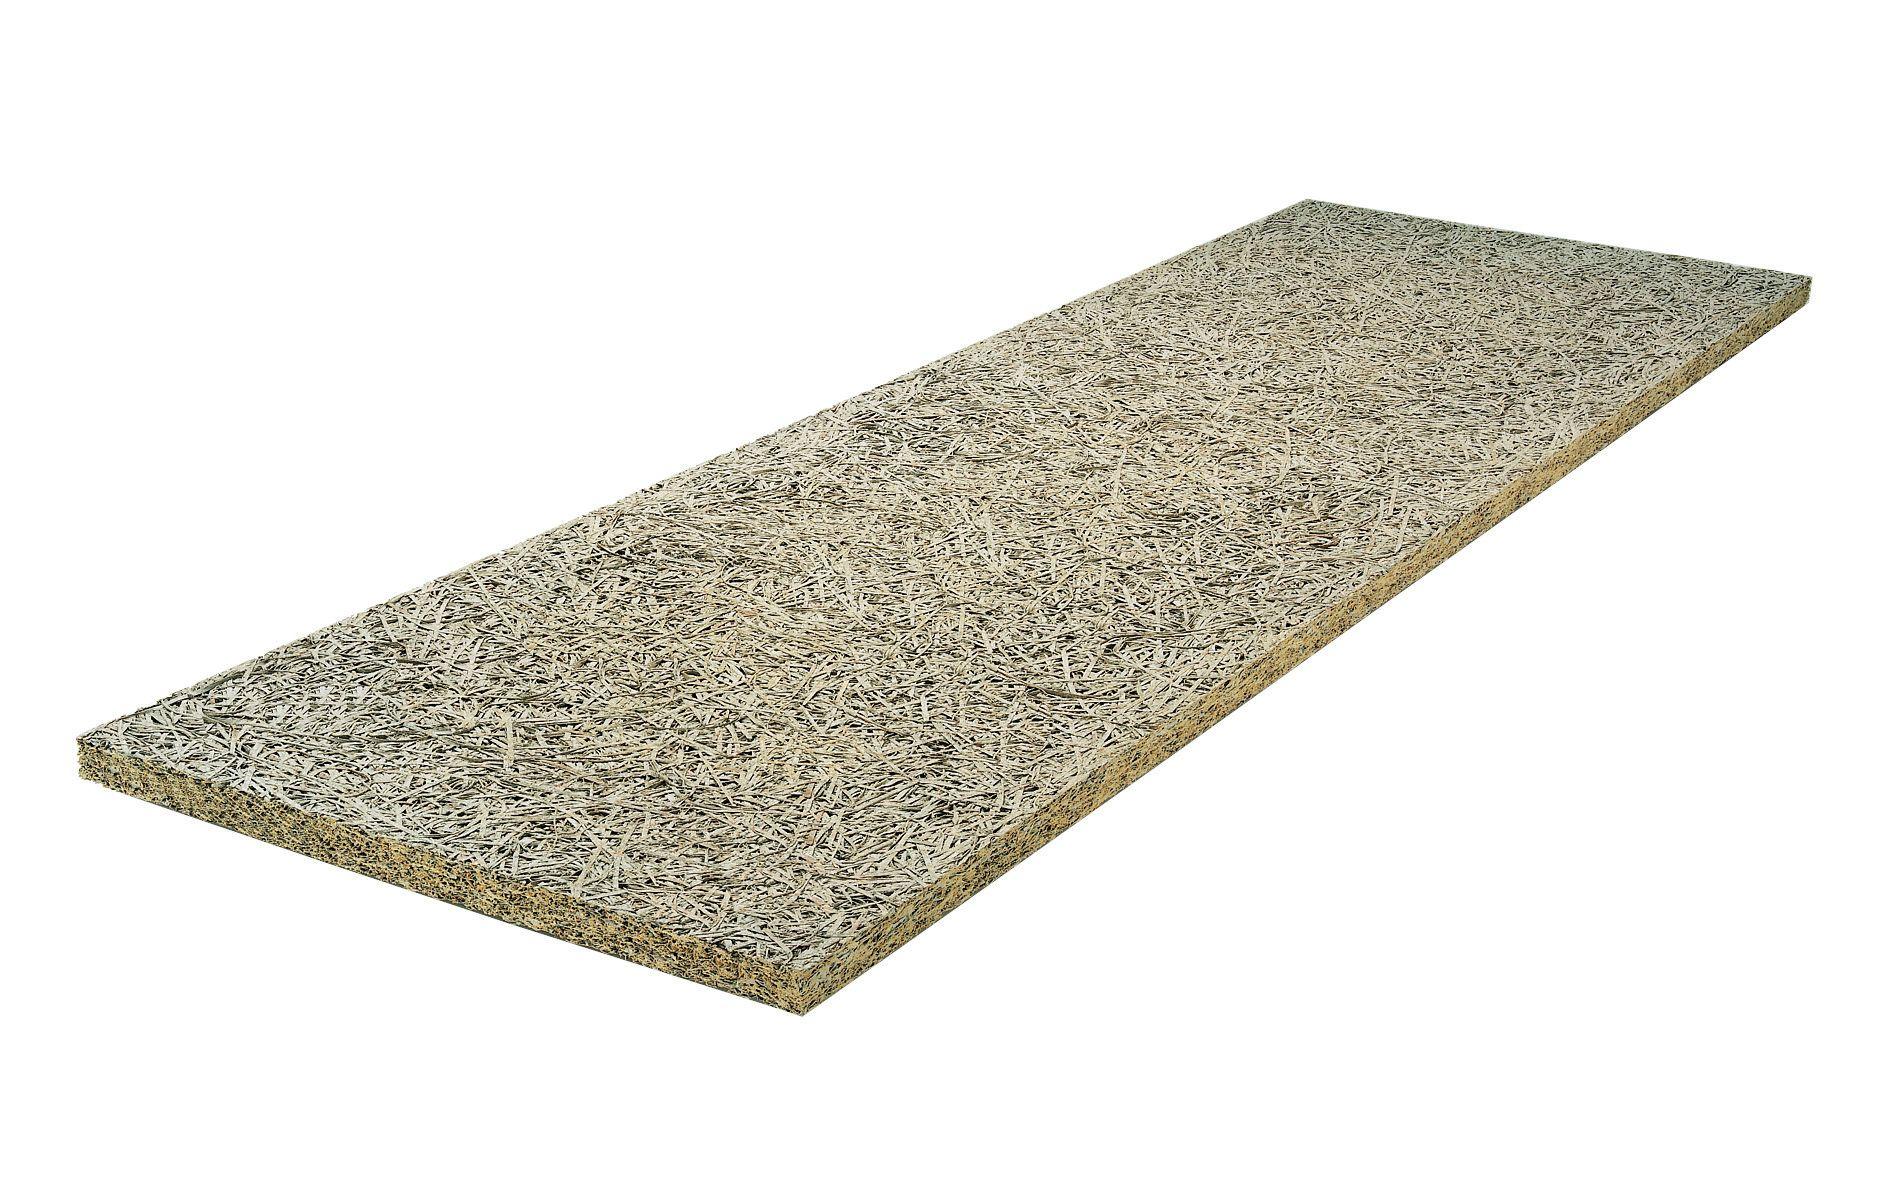 Panneau Isolant Bois - Panneau thermo isolant en fibre de bois minéralisée CELENIT N by CELENIT